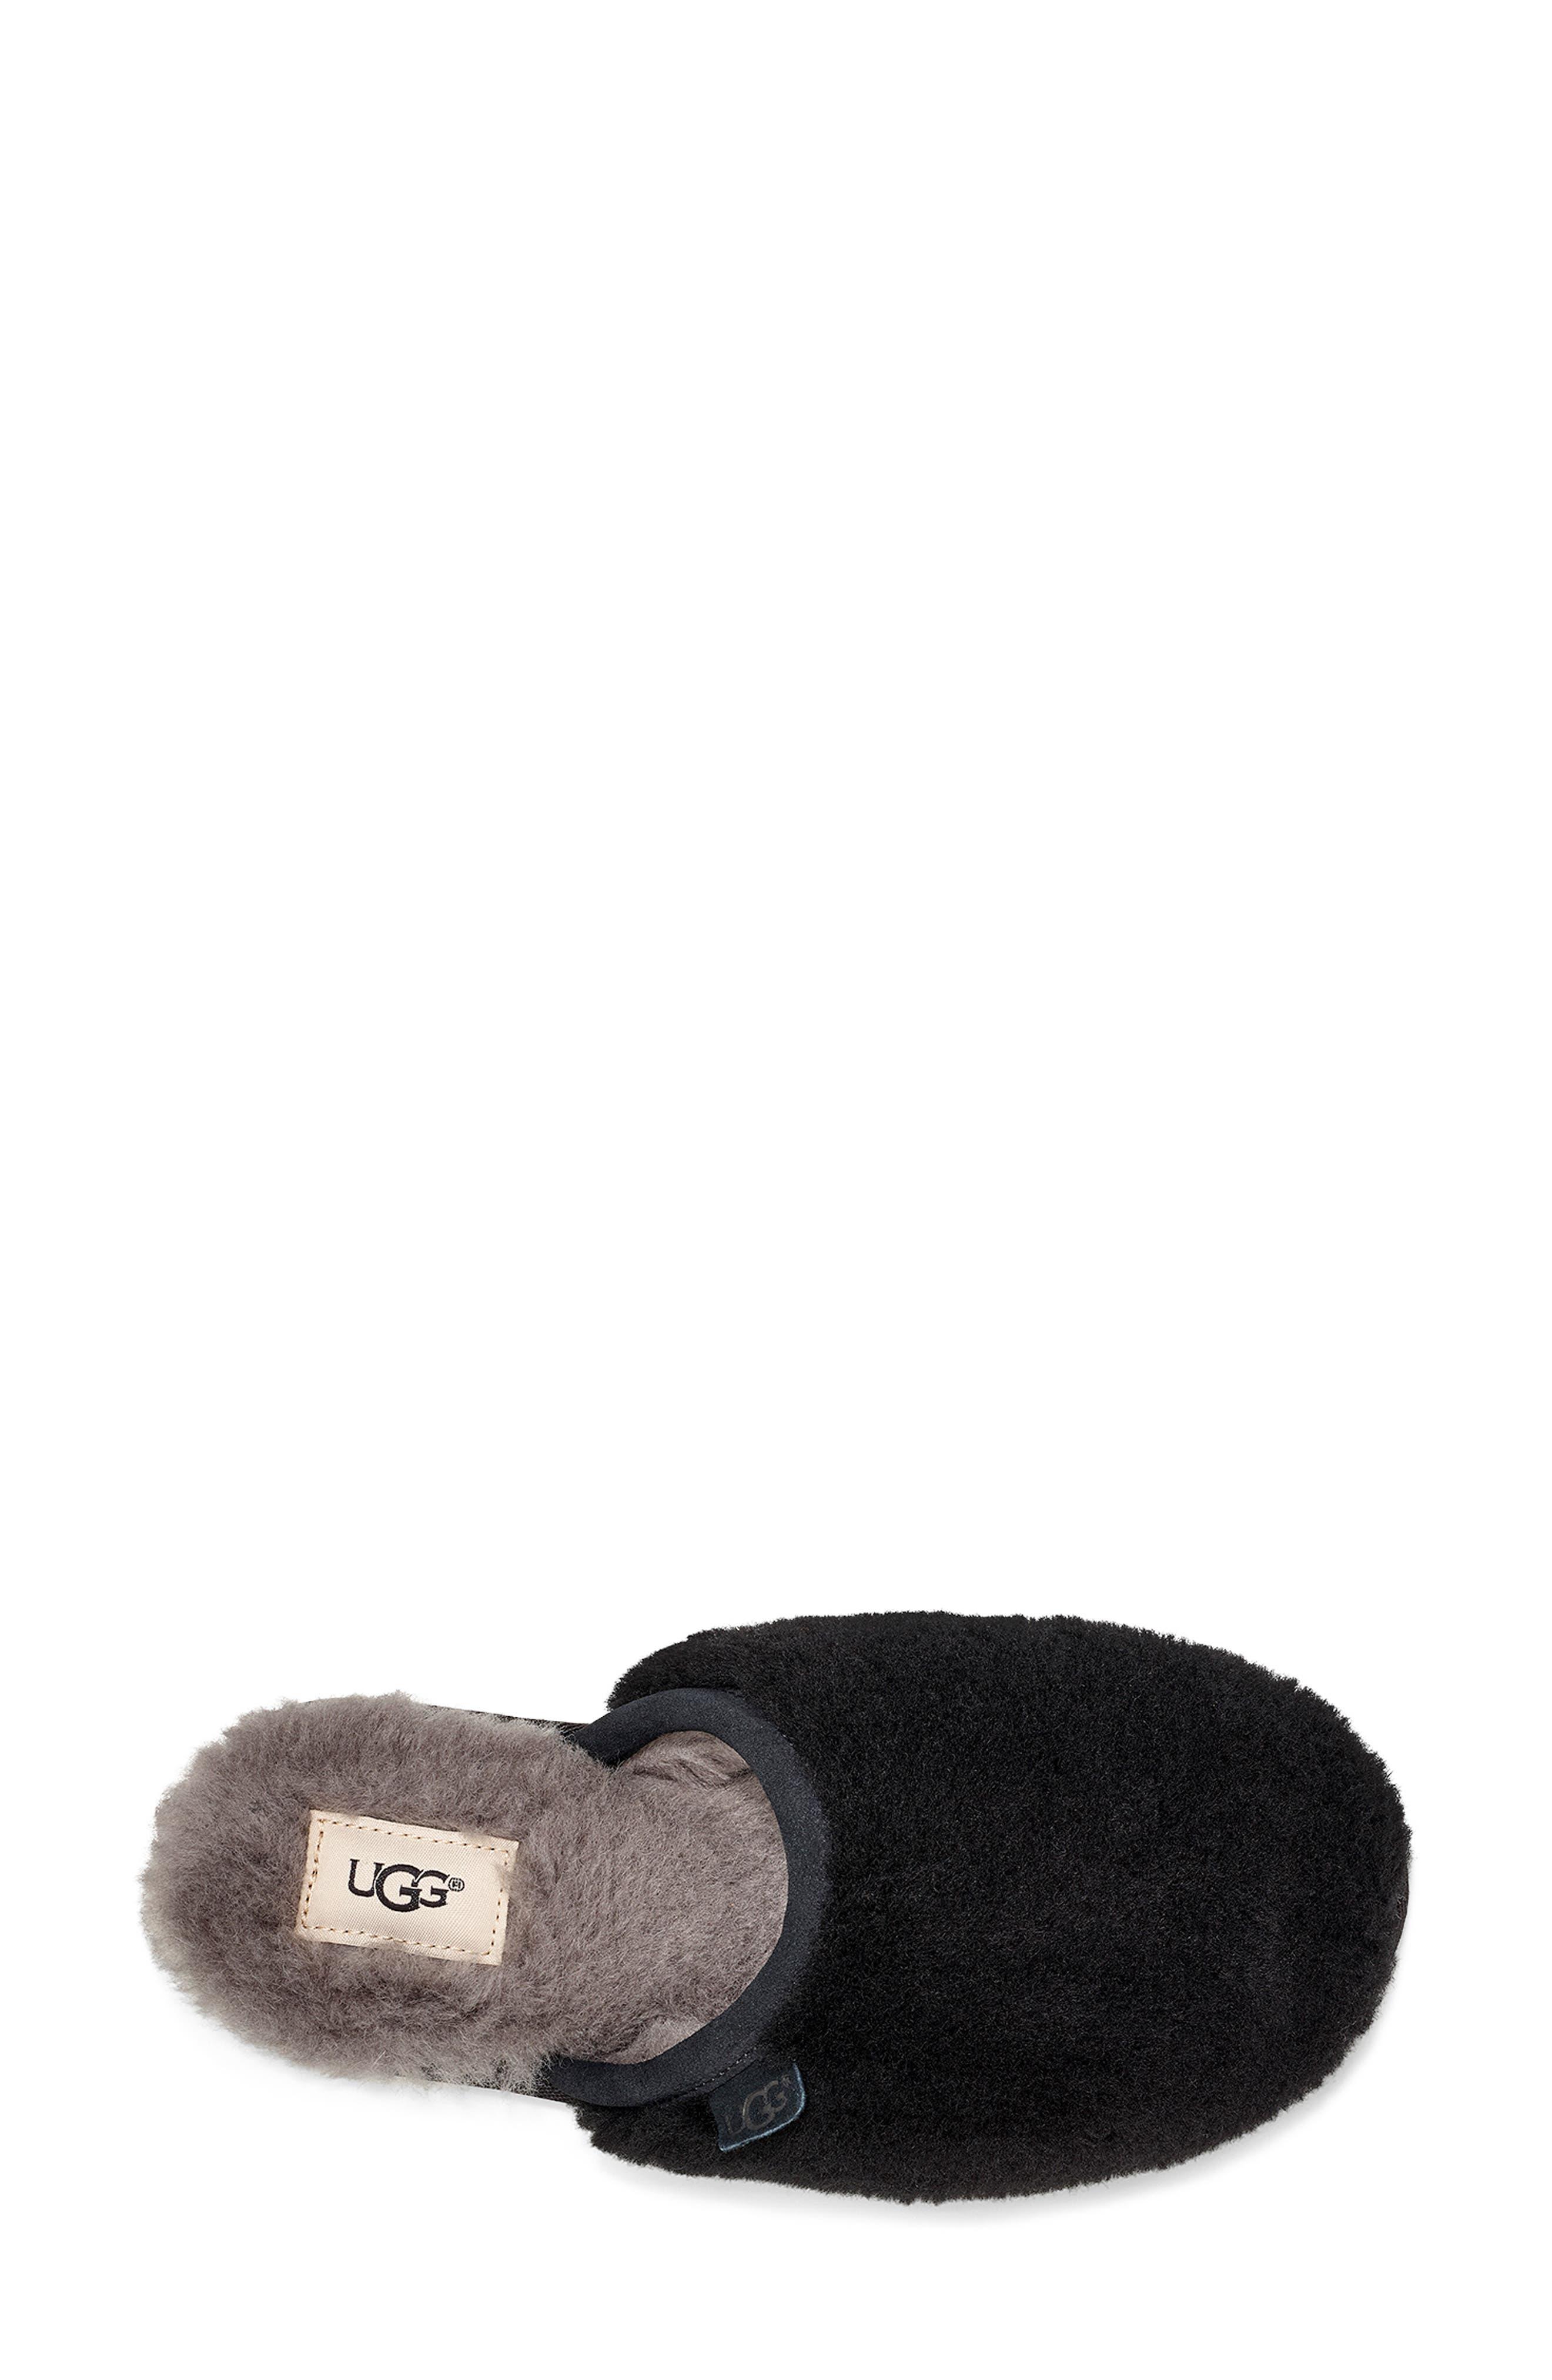 Fluffette Slipper,                             Alternate thumbnail 4, color,                             BLACK WOOL